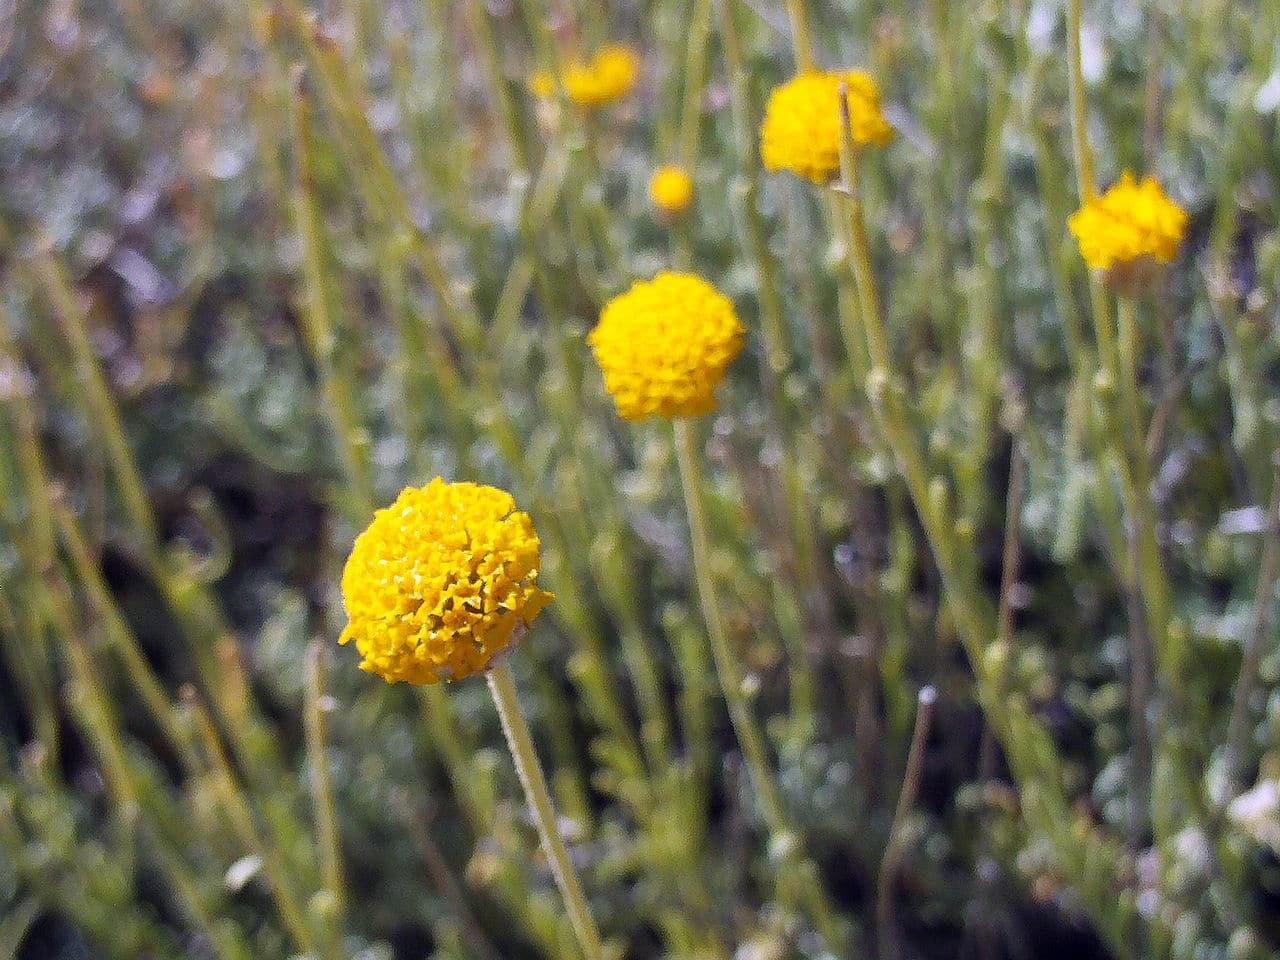 Las flores de la Santolina rosmarinifolia son amarillas